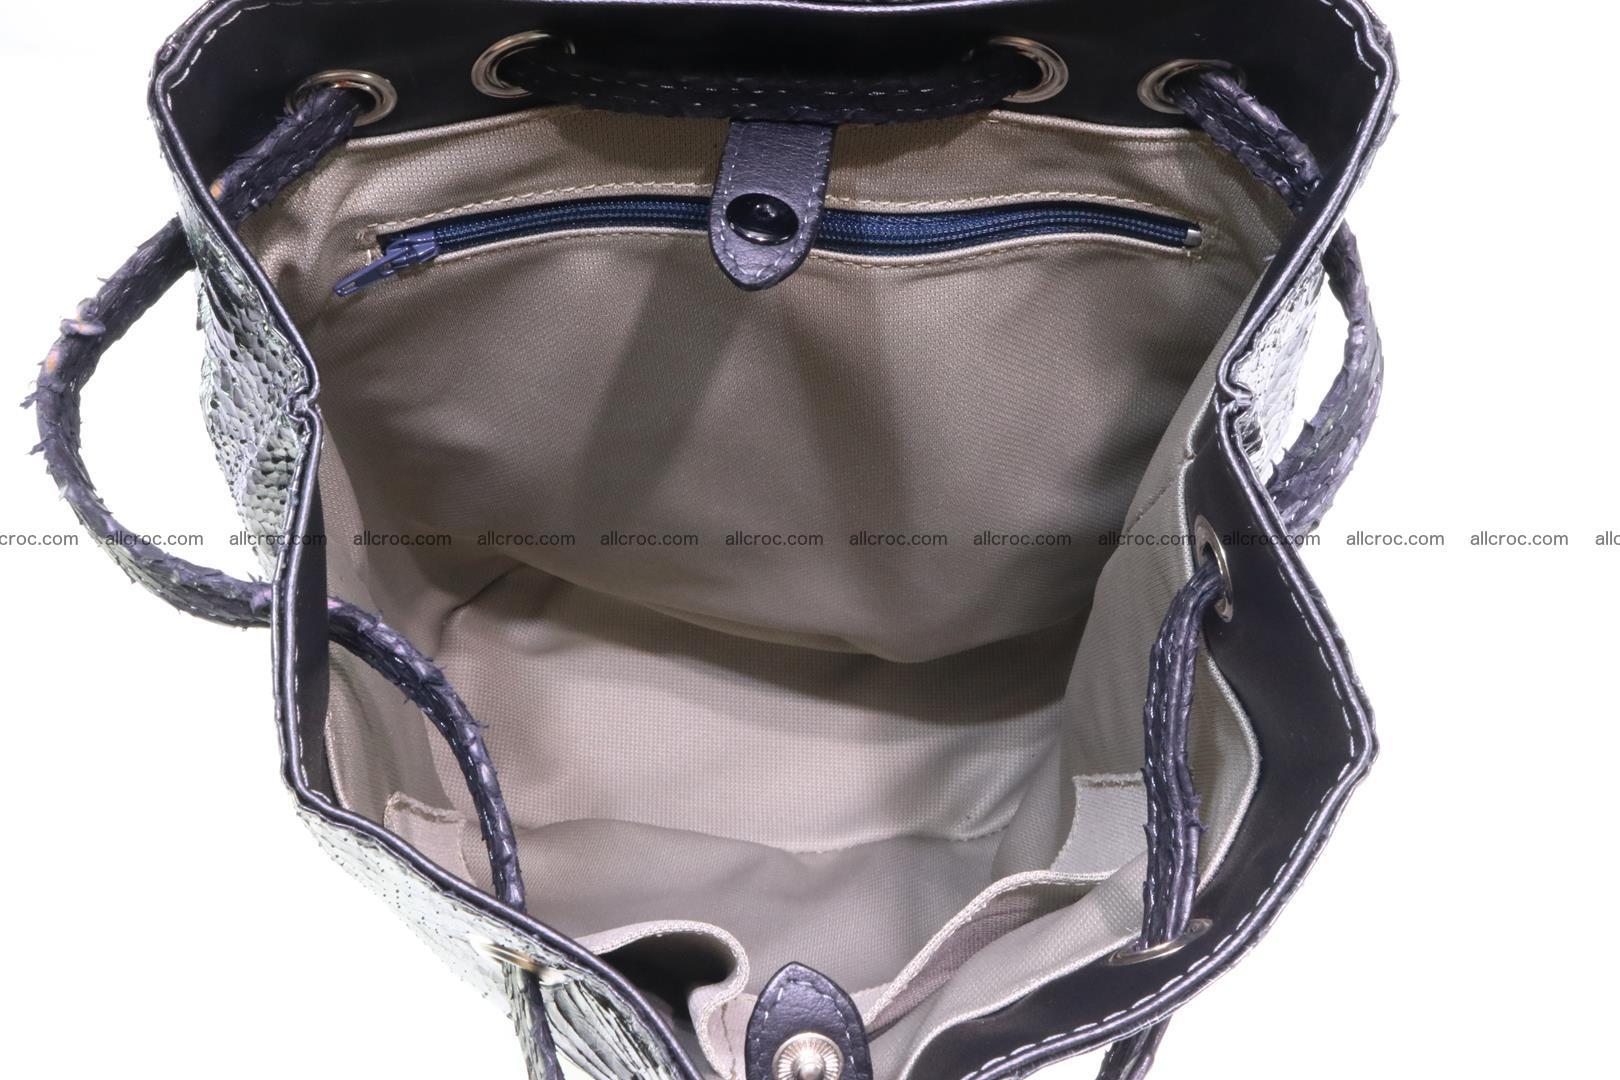 Cobra skin backpack with head of cobra 417 Foto 11